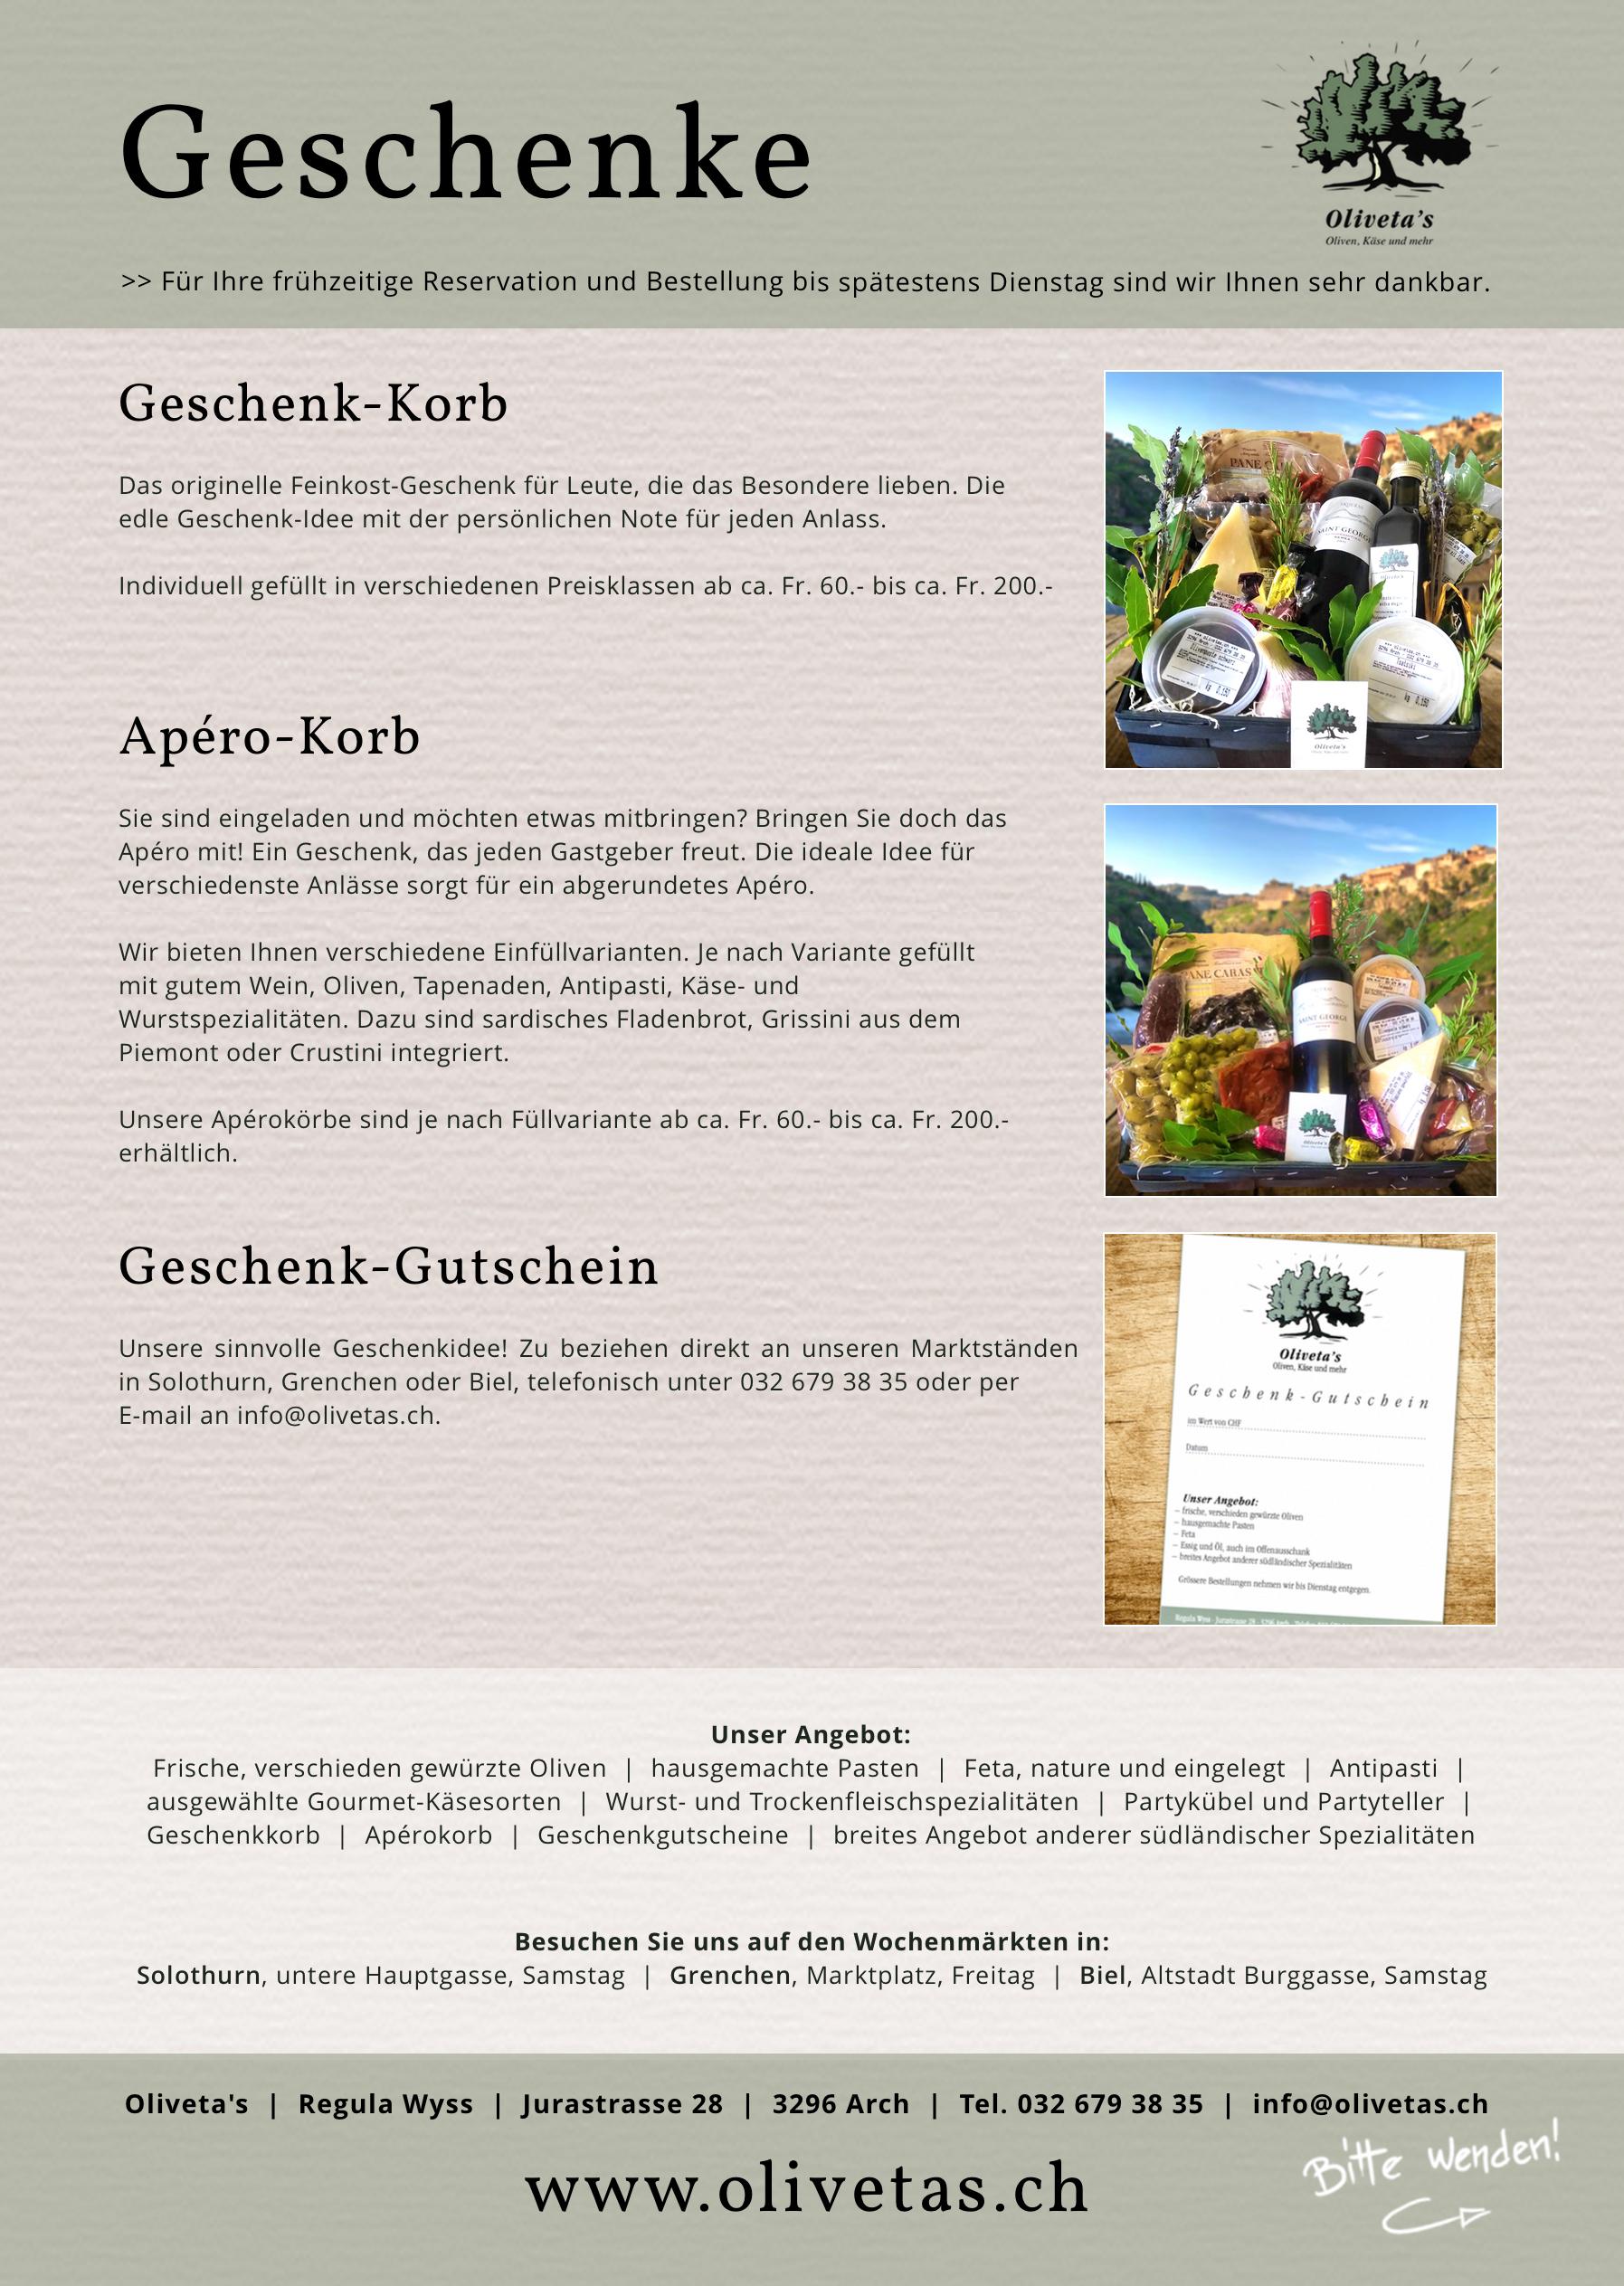 Geschenke oliveta 39 s oliven k se und mehr for Sardisches fladenbrot